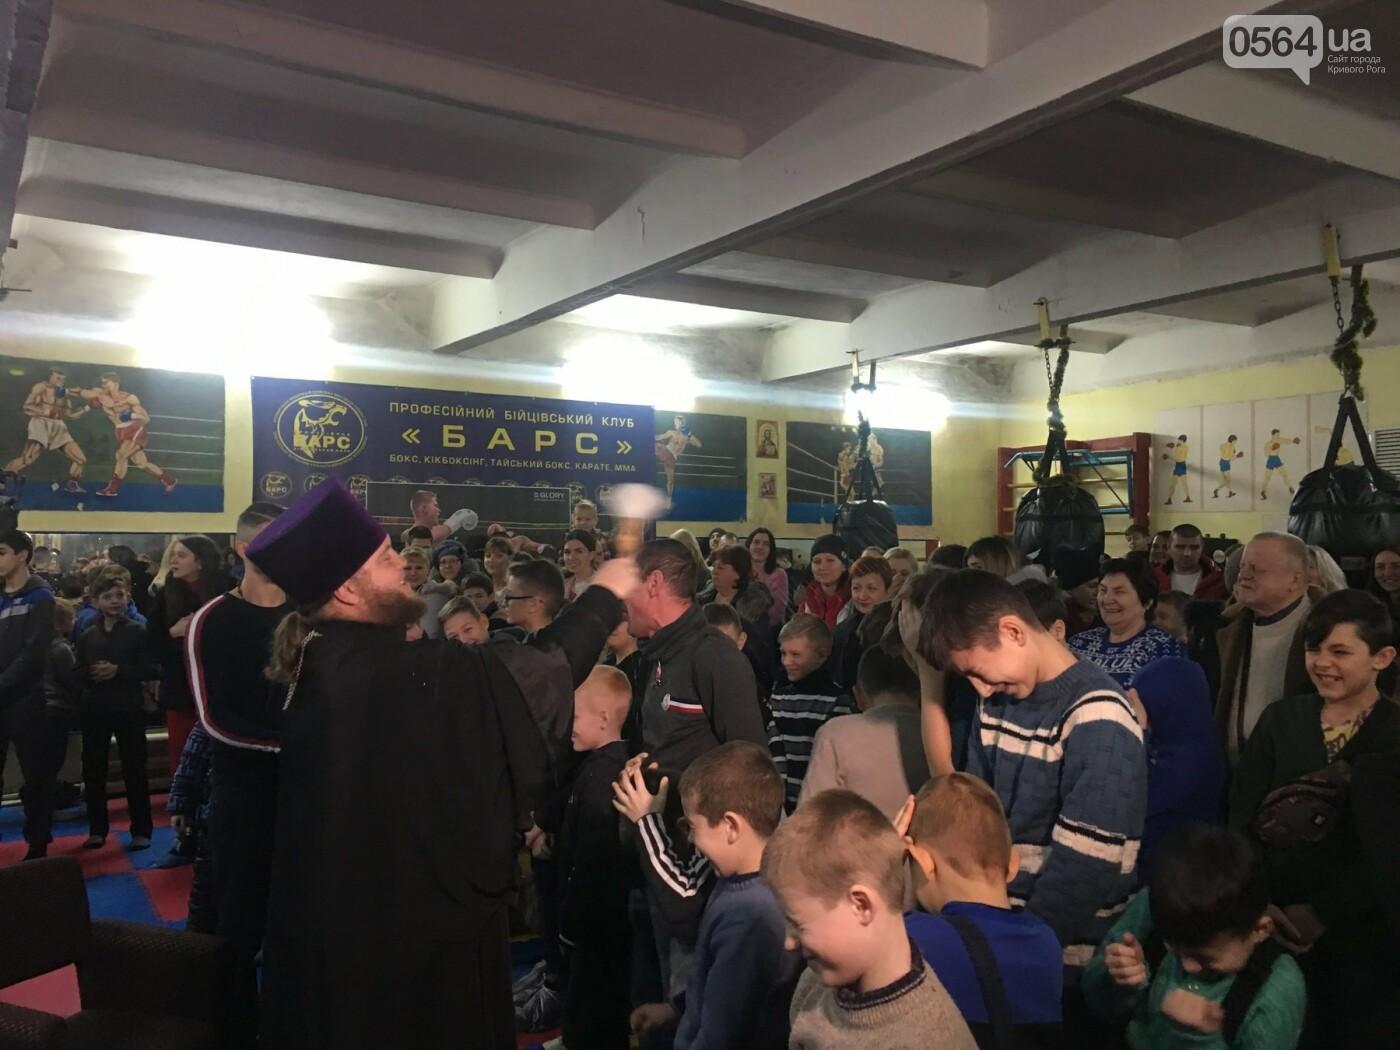 Чемпионы мира, Европы, Украины: в криворожском бойцовском клубе подвели итоги 2018 года, - ФОТО , фото-22